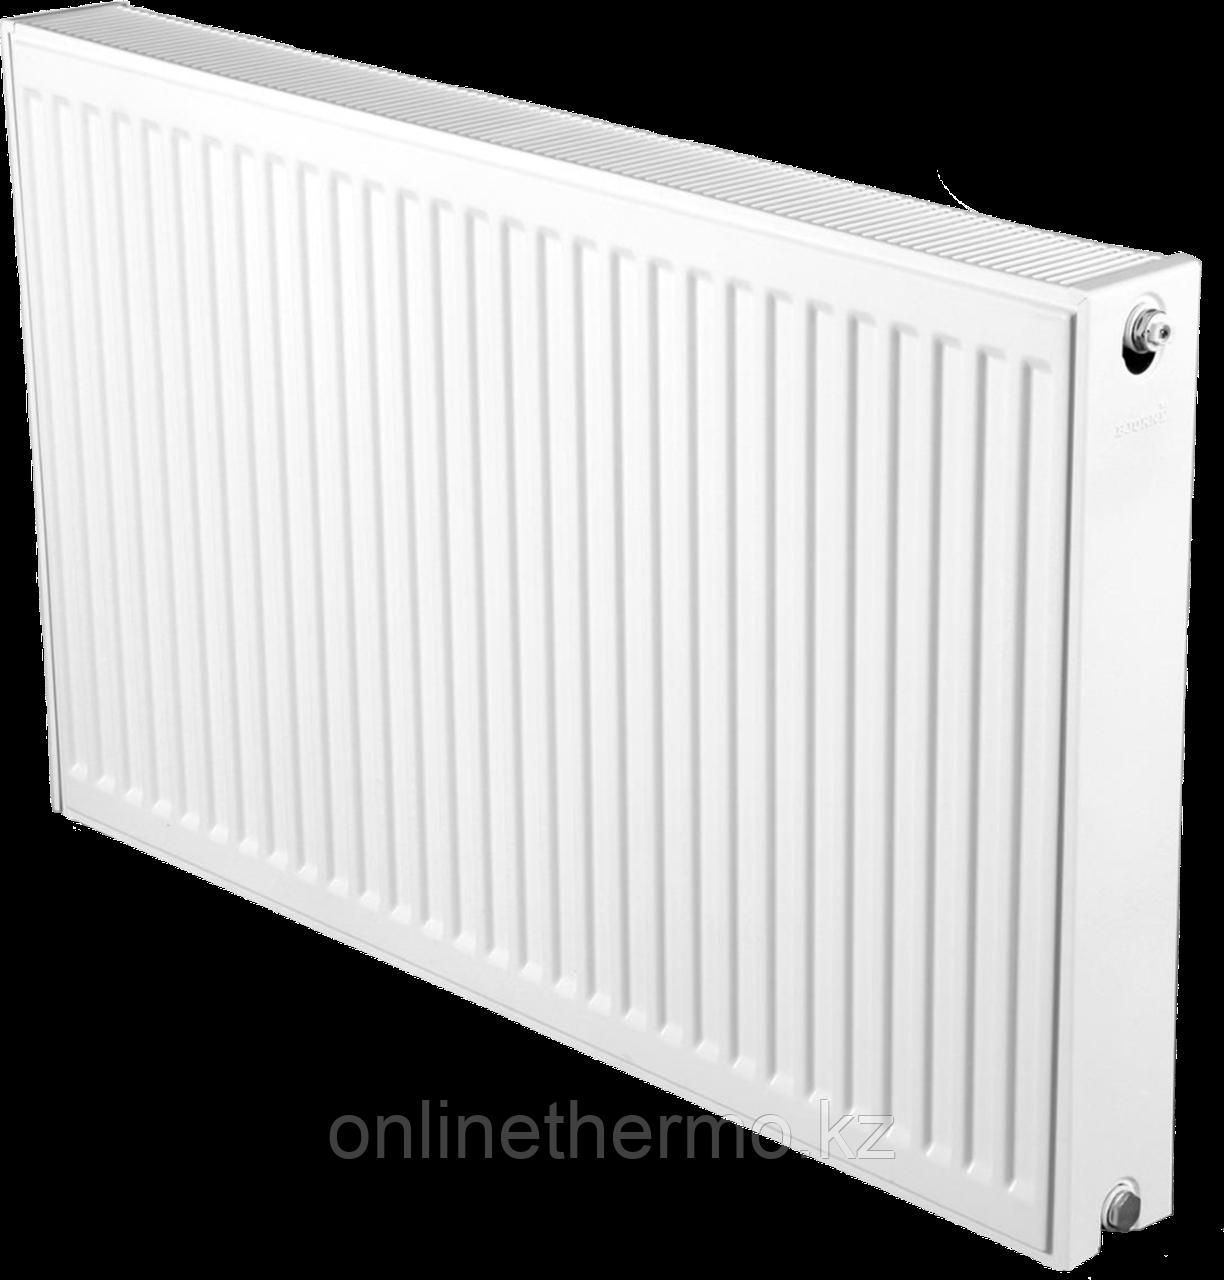 Радиатор стальной тип 22K H500мм*L1000мм панельный Bjorne боковое подключение - фото 1